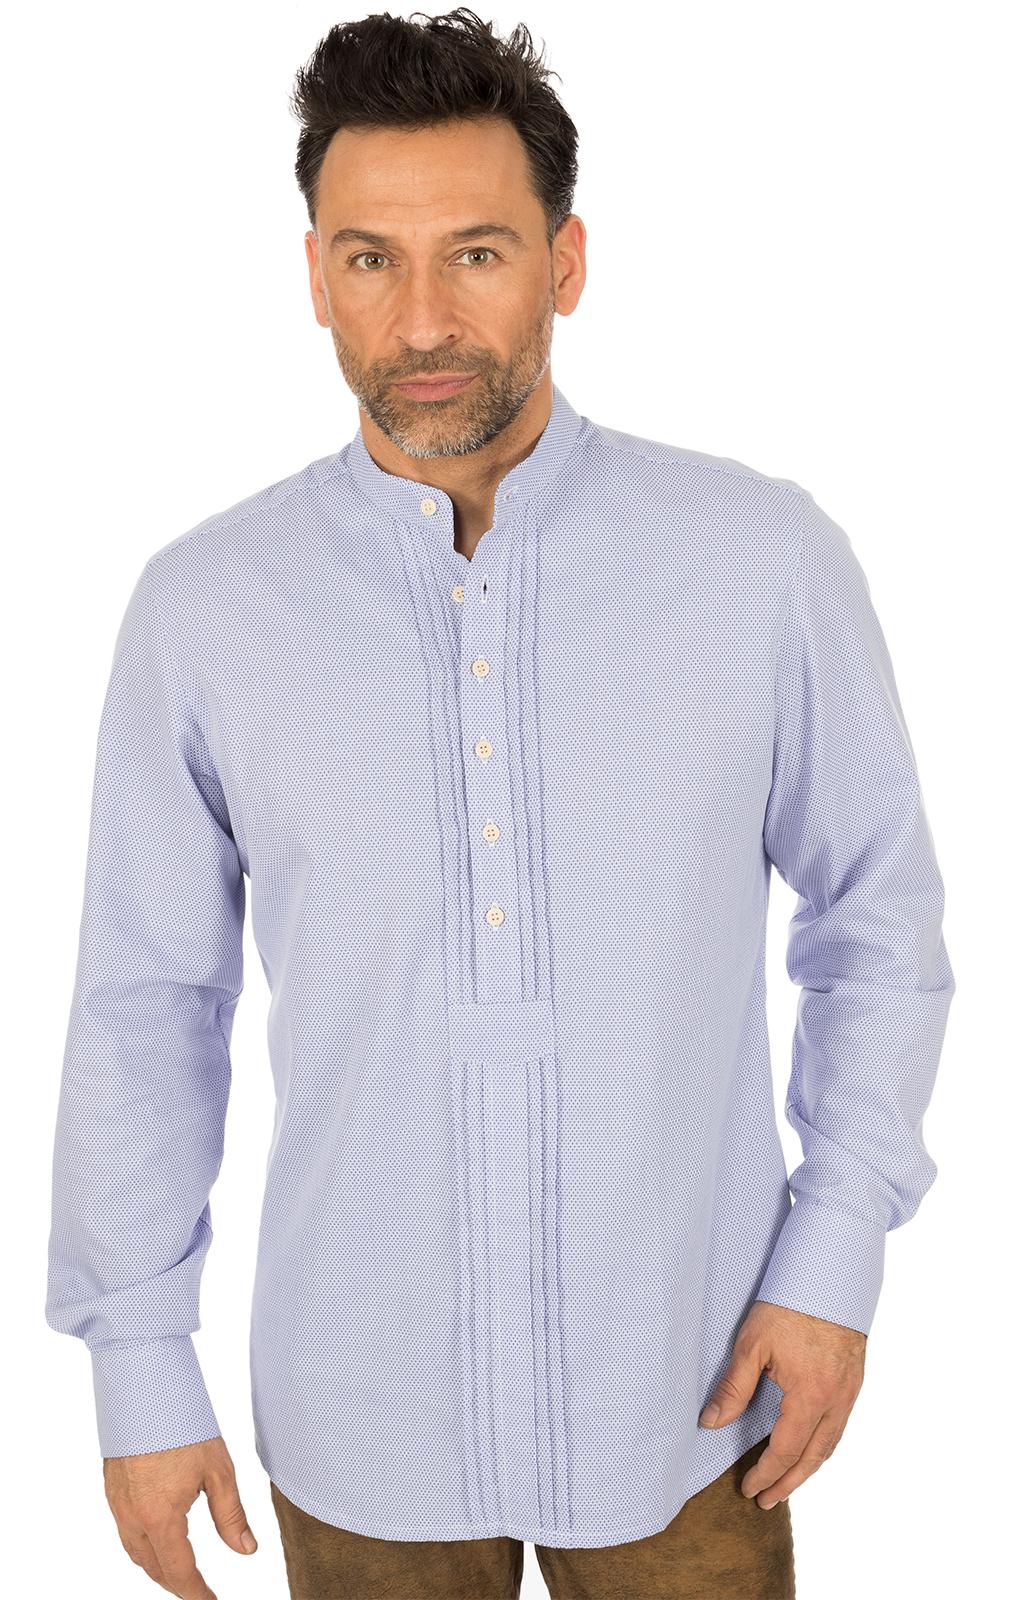 German traditional shirt Pfoad GRATANO blue von OS-Trachten